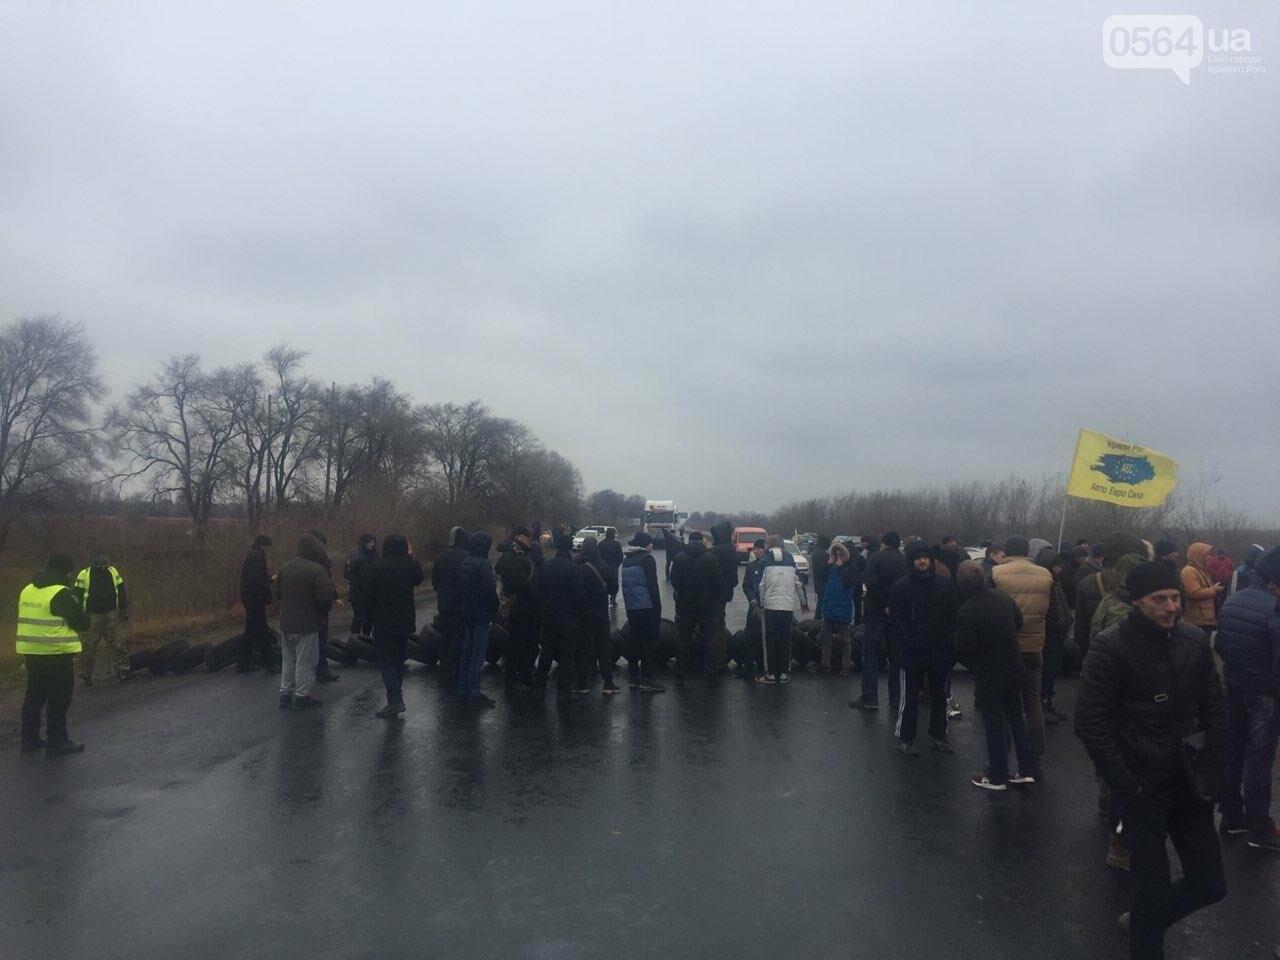 """Криворожские владельцы """"евроблях"""" перекрыли дорогу в Днепр, но оставили пока одну полосу движения, - ФОТО , фото-5"""